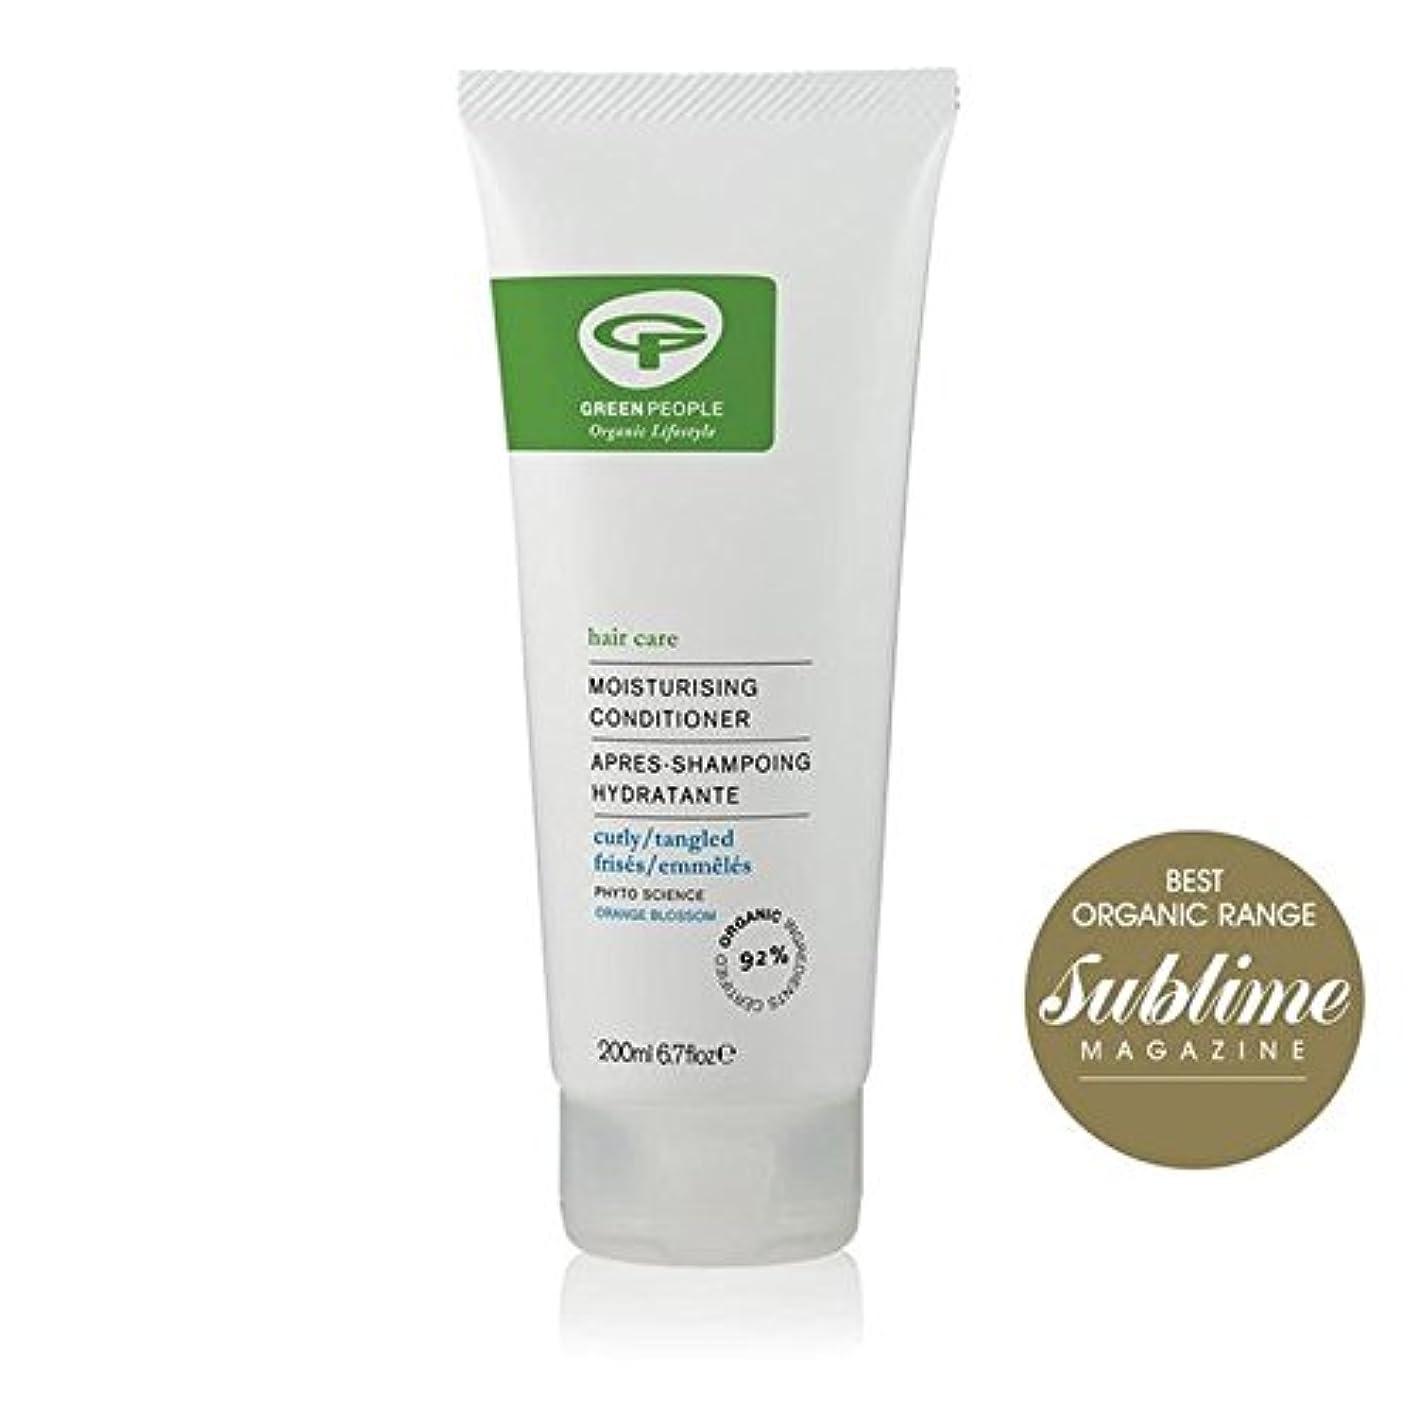 パワーブロンズ分解するGreen People Organic Moisturising Conditioner 200ml (Pack of 6) - 緑の人々の有機保湿コンディショナー200 x6 [並行輸入品]